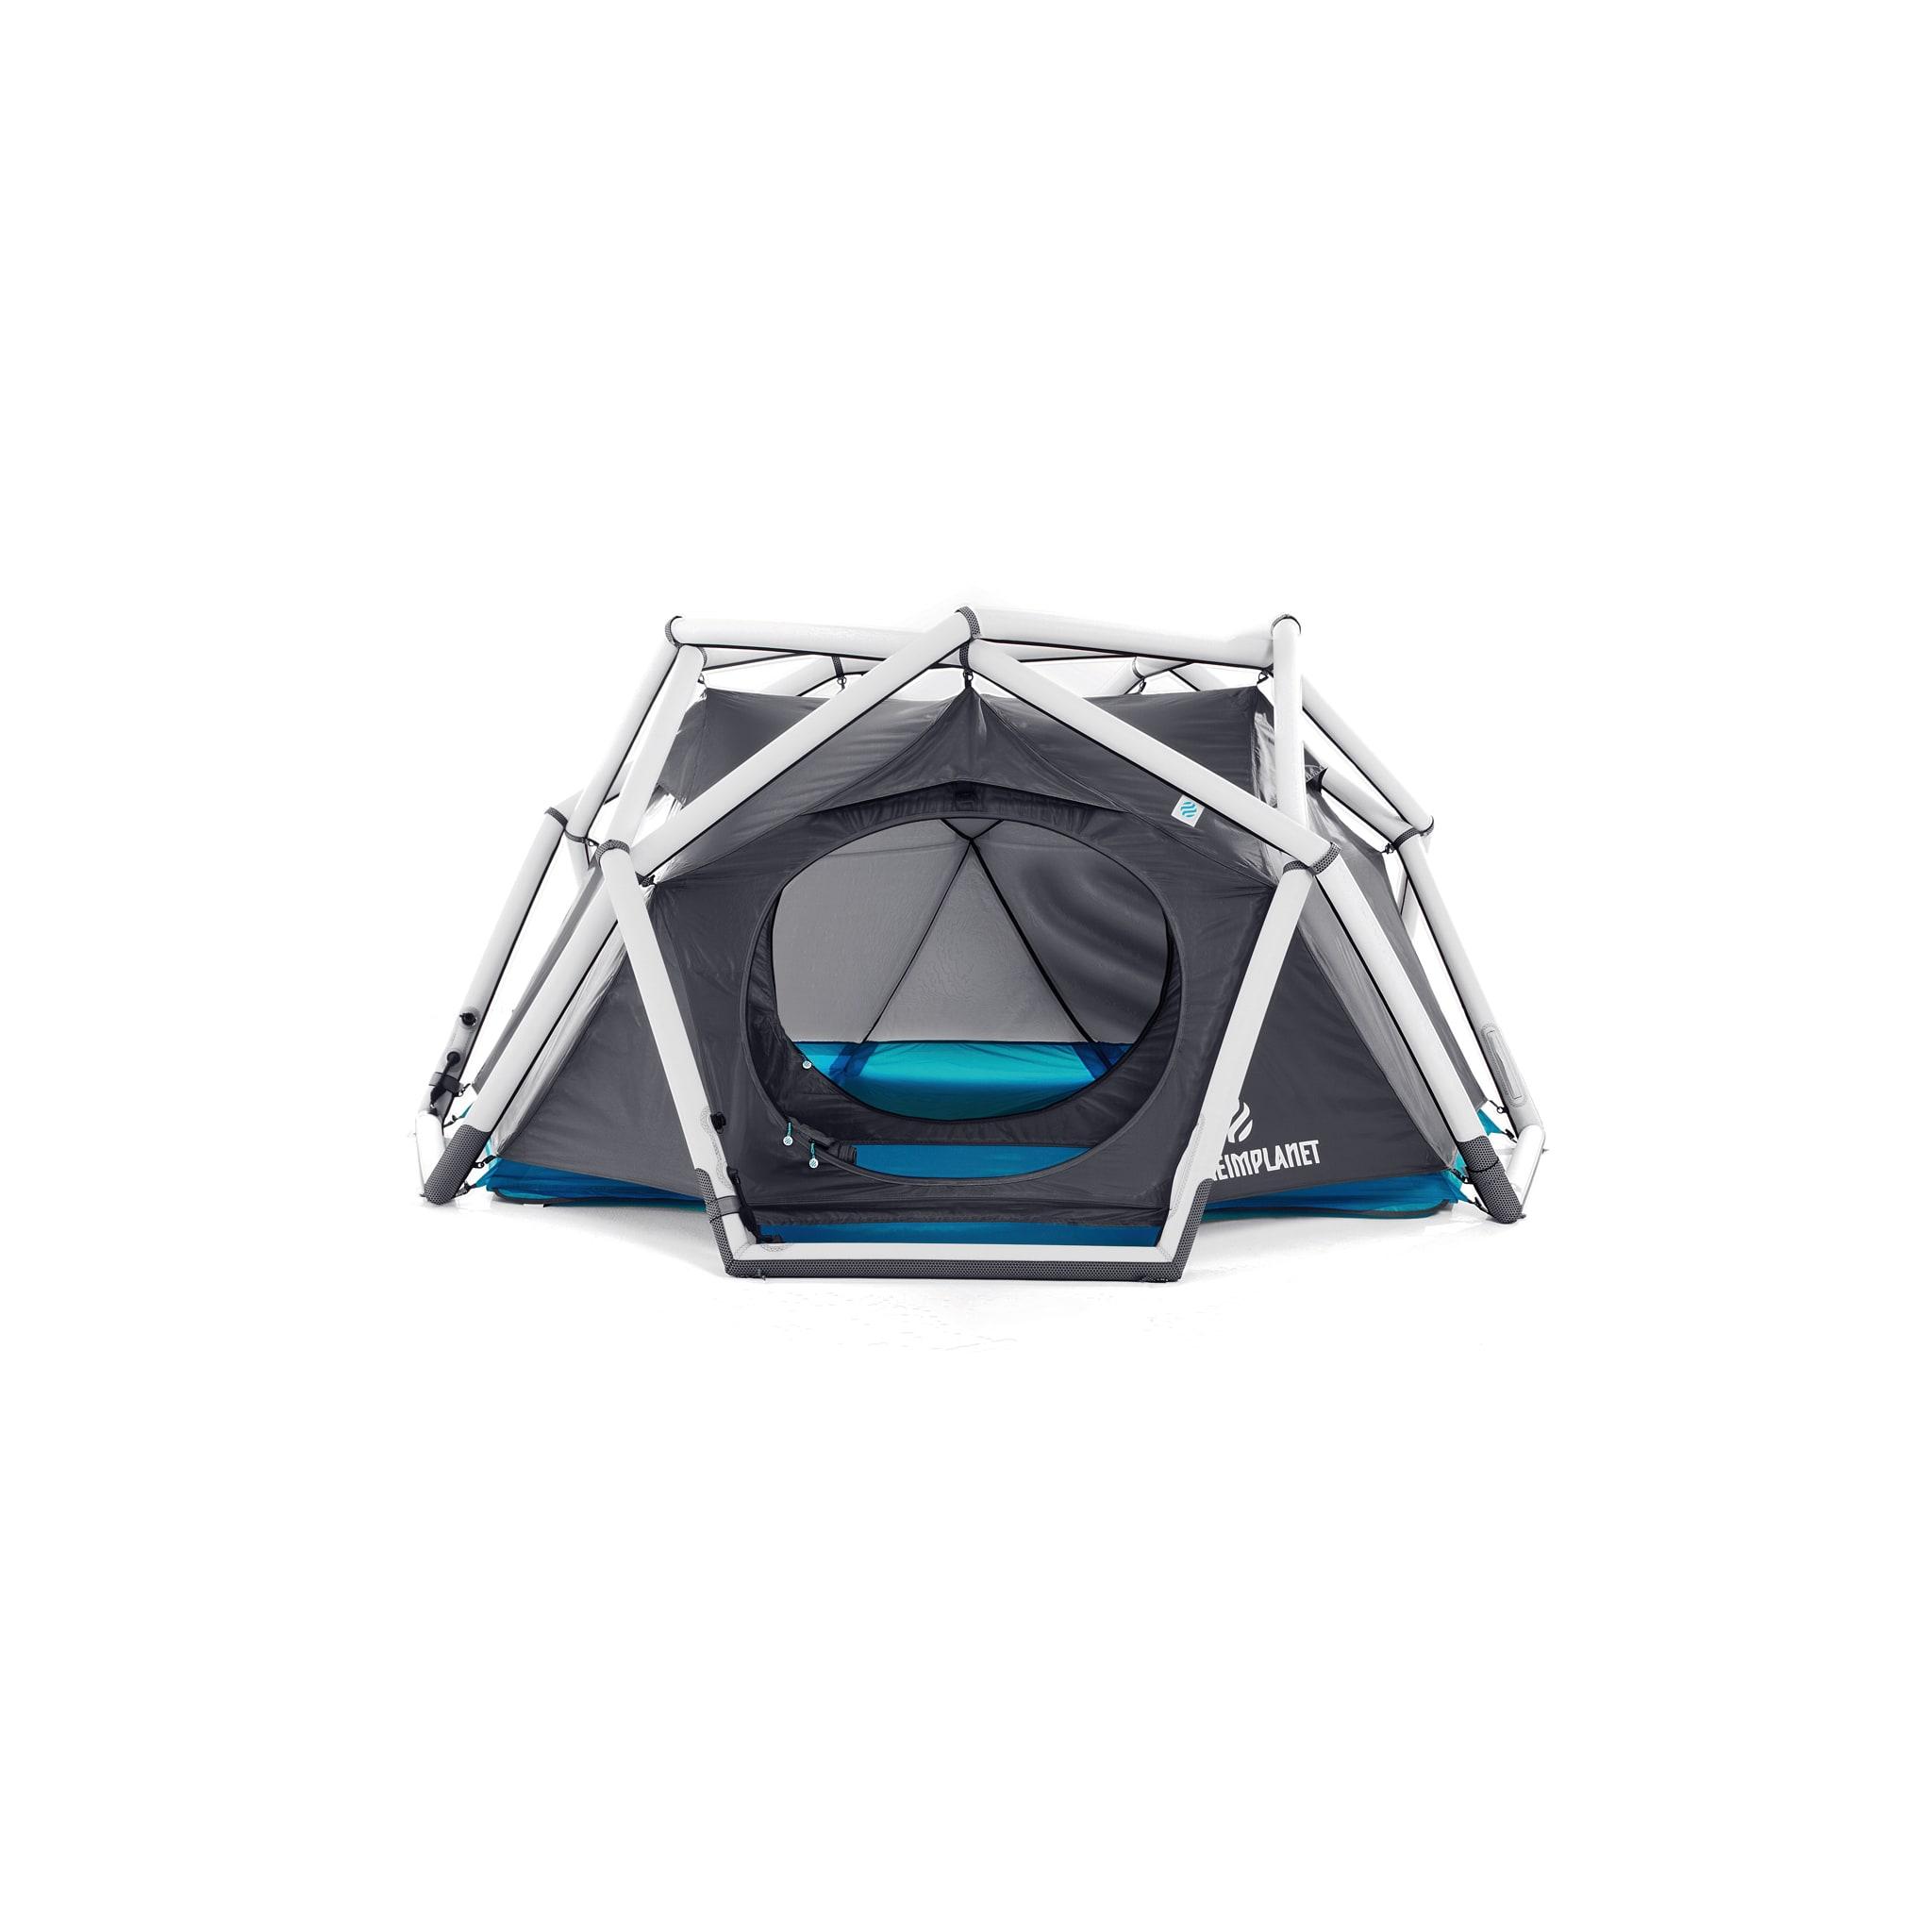 Ikke kast bort verdifull tid av turen med oppsetting av telt!